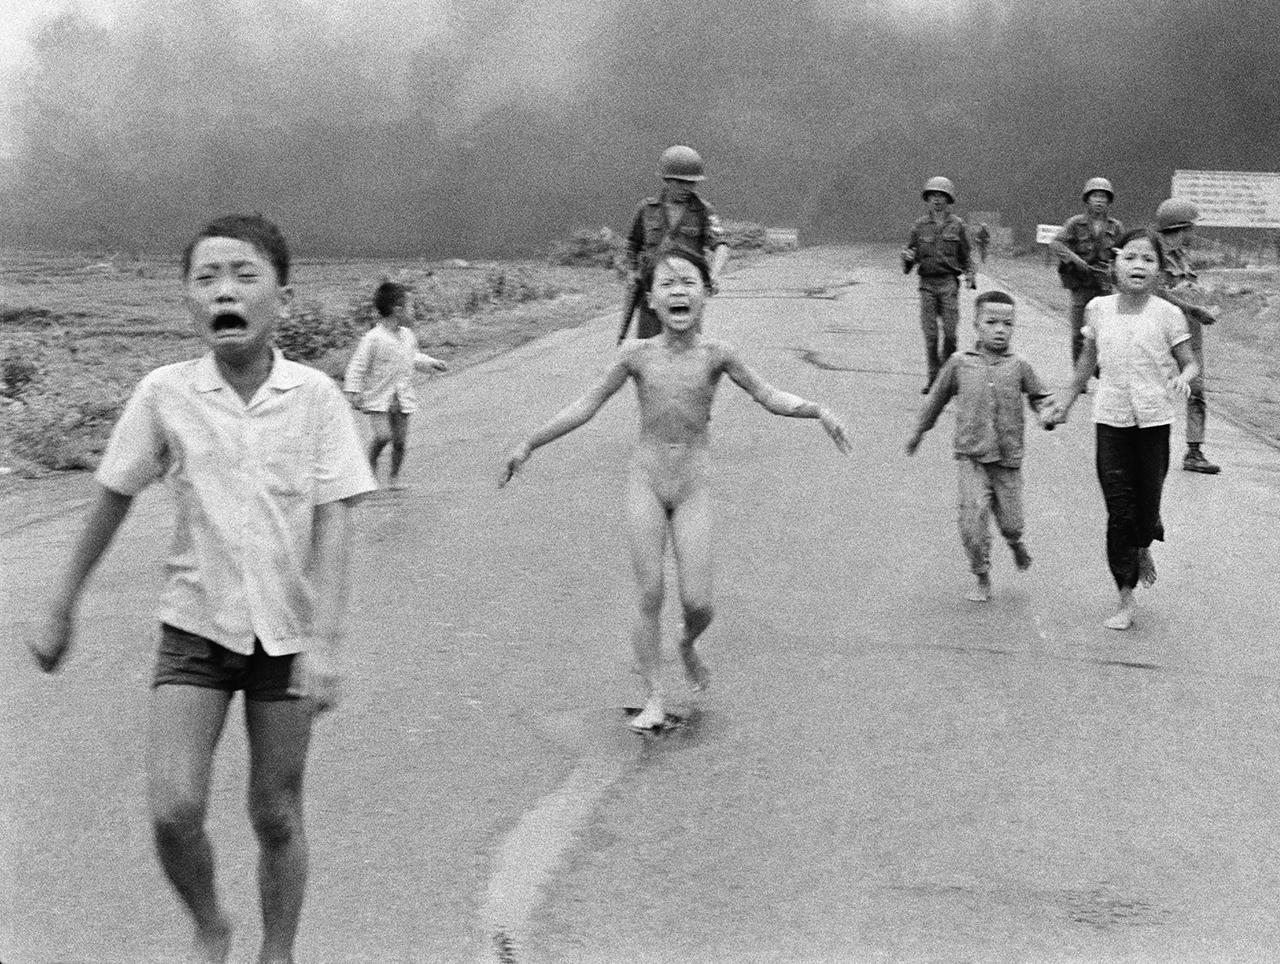 Фотография Ника Ута «Напалм во Вьетнаме», сделанная 8 июня 1972 года Фото: Nick Ut / AP / Scanpix / LETA